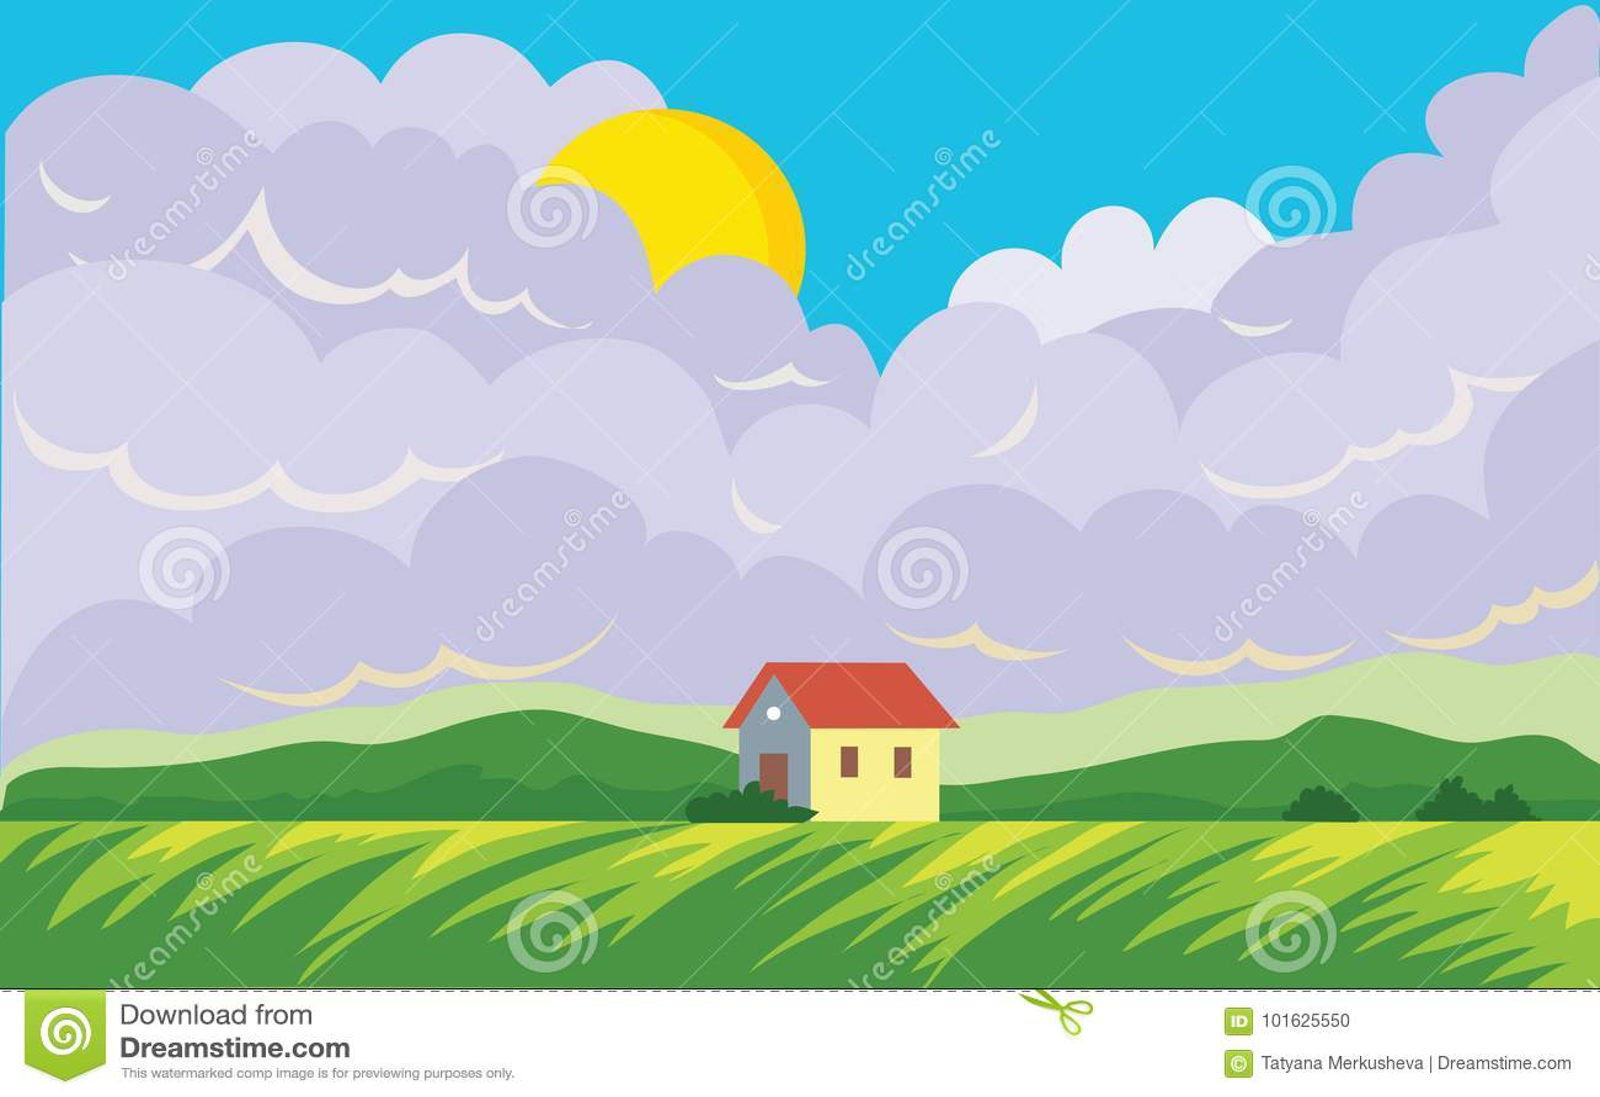 Аграрный ландшафт с домом ` s фермера Облака поля и кумулюса с солнцем Иллюстрация ландшафта вектора